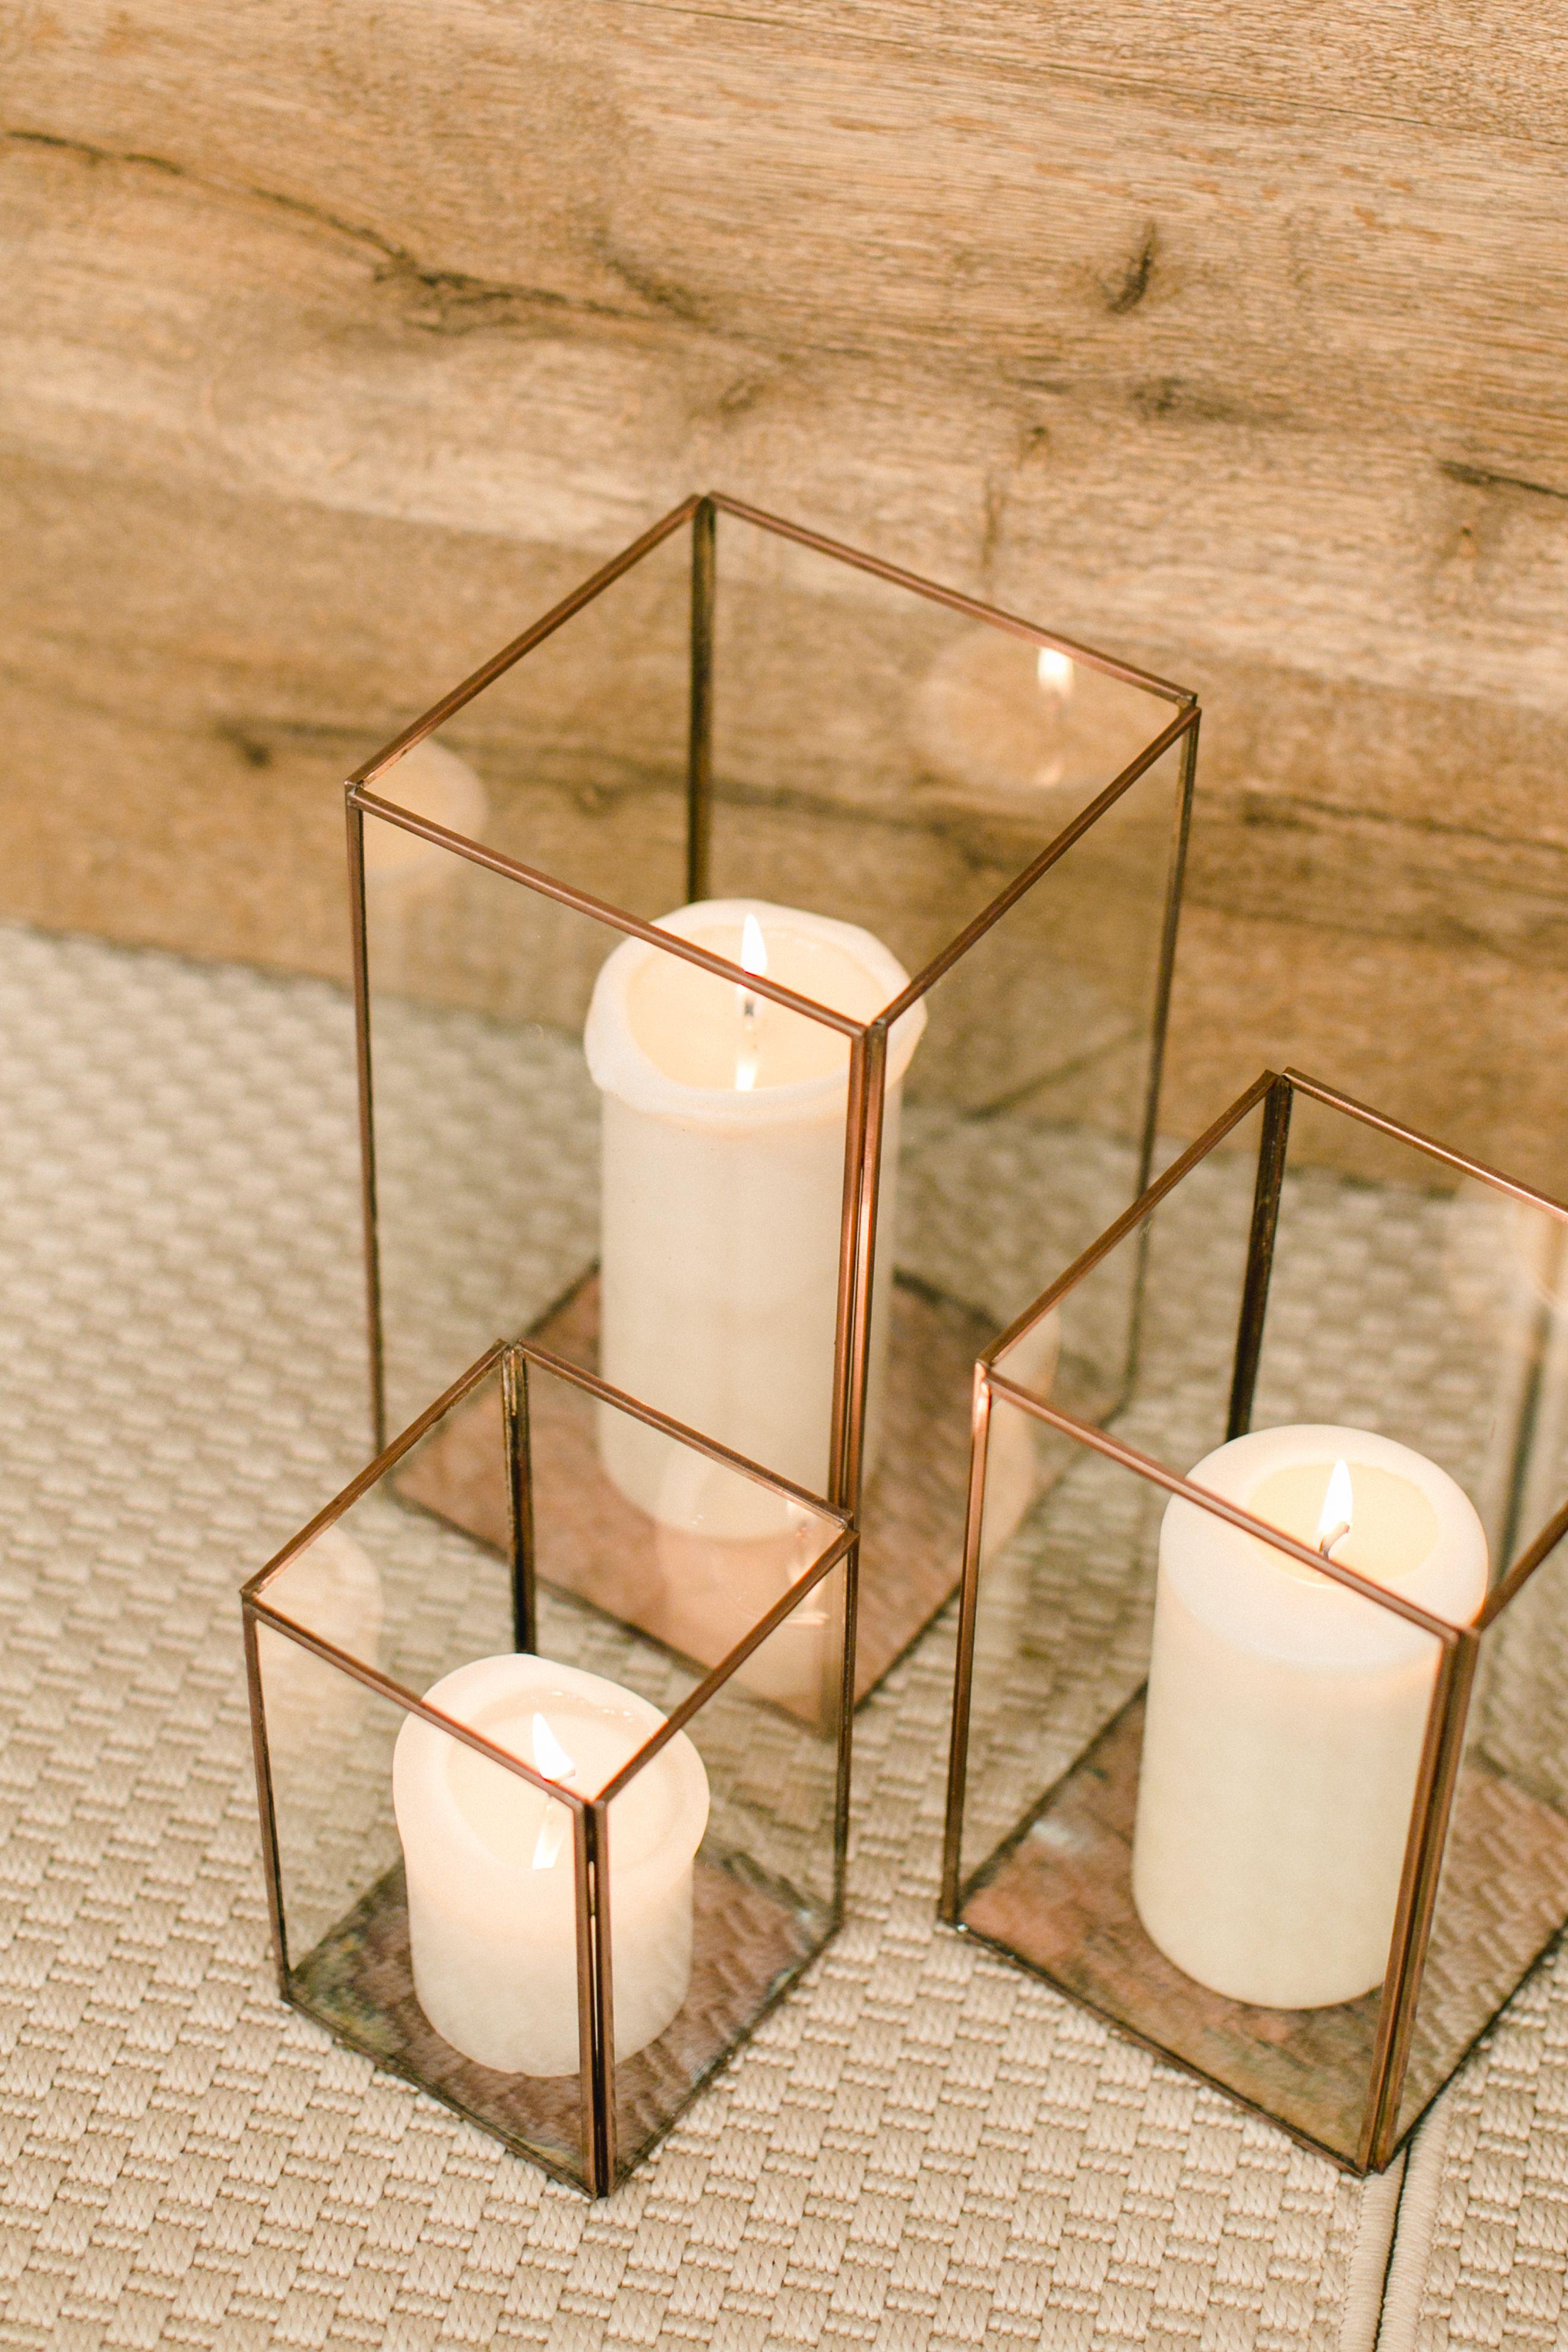 Messestand Kerzen Laterne Glas rustikal